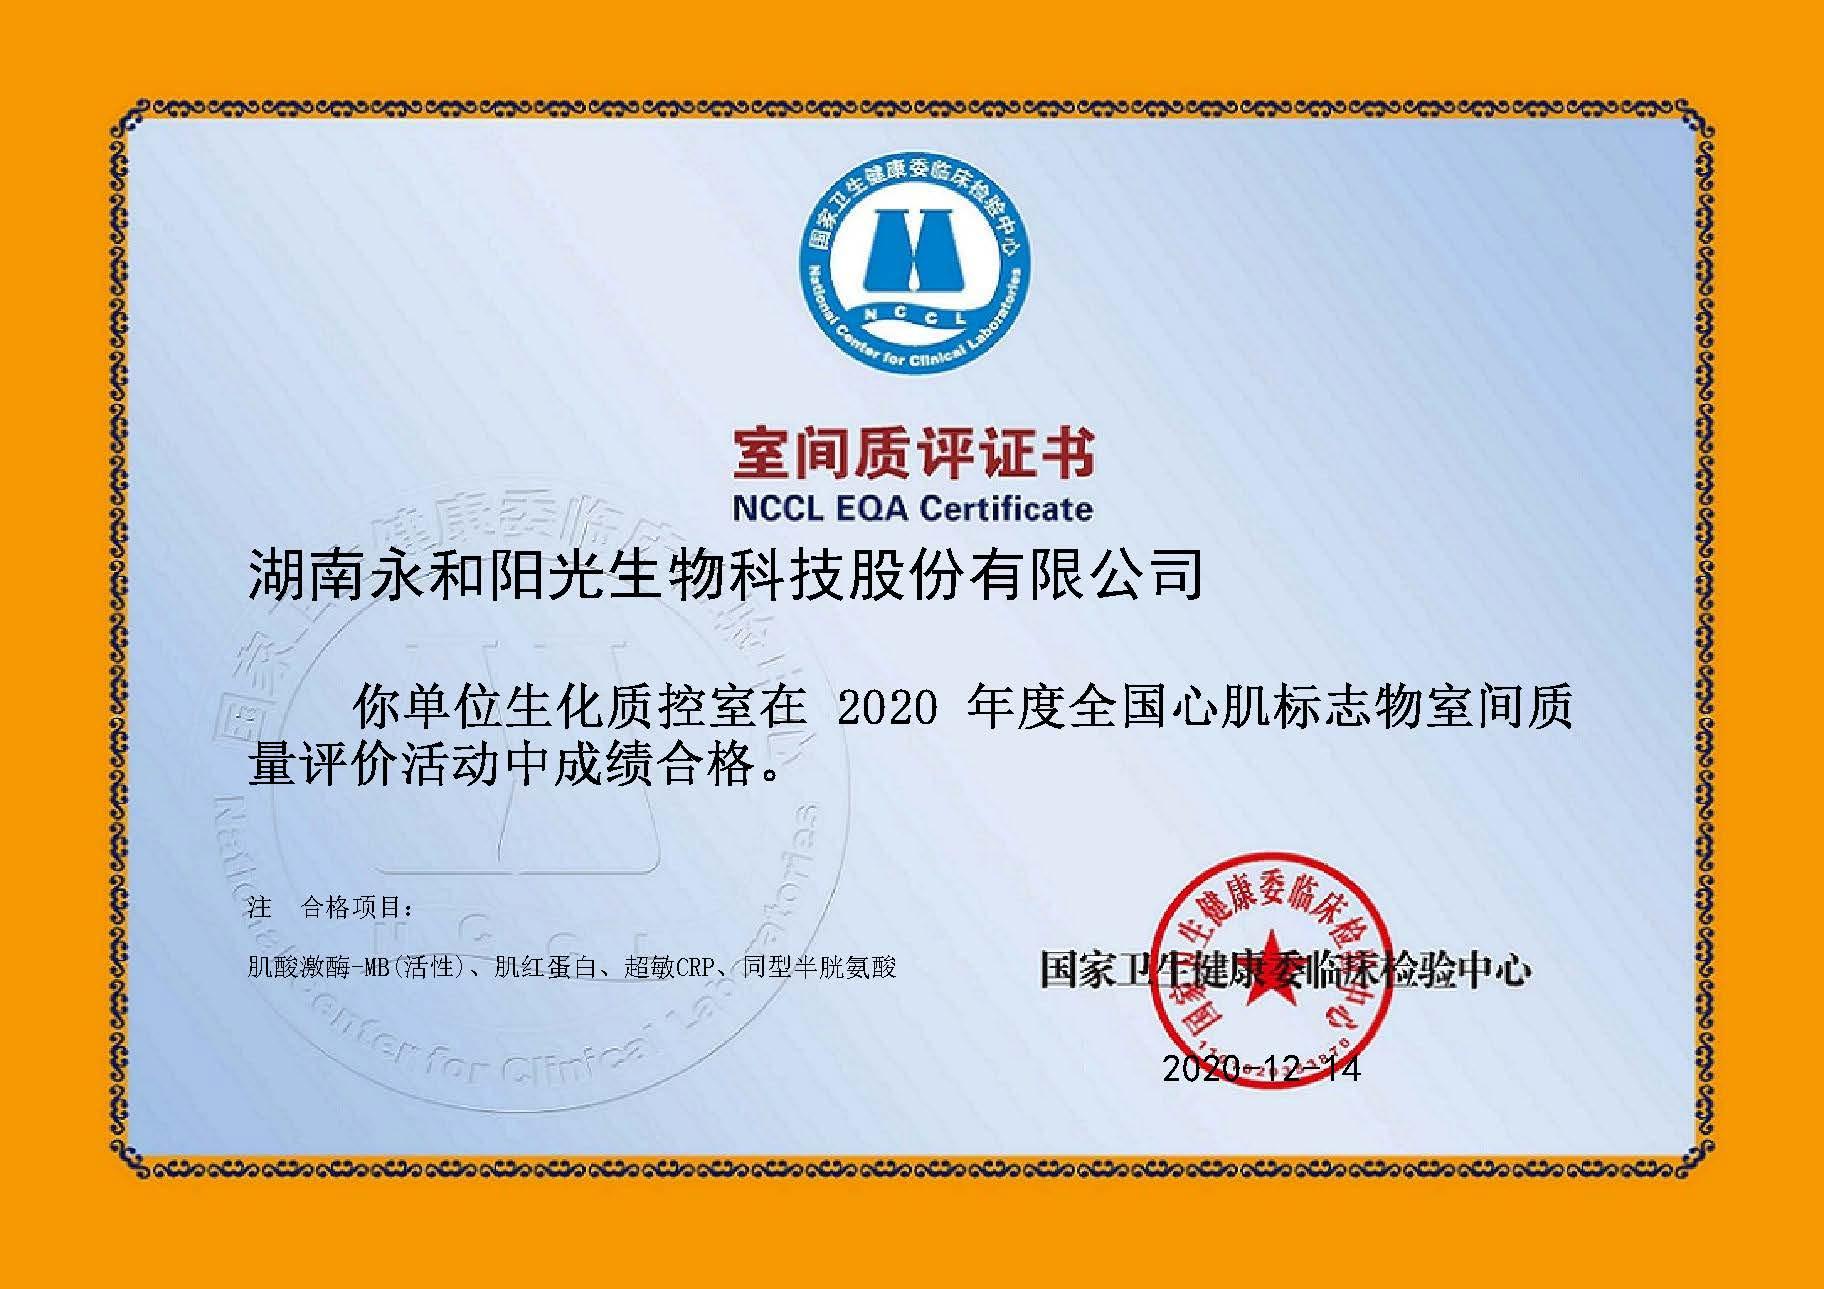 2020.12.142020年卫生部质评证书_页面_05